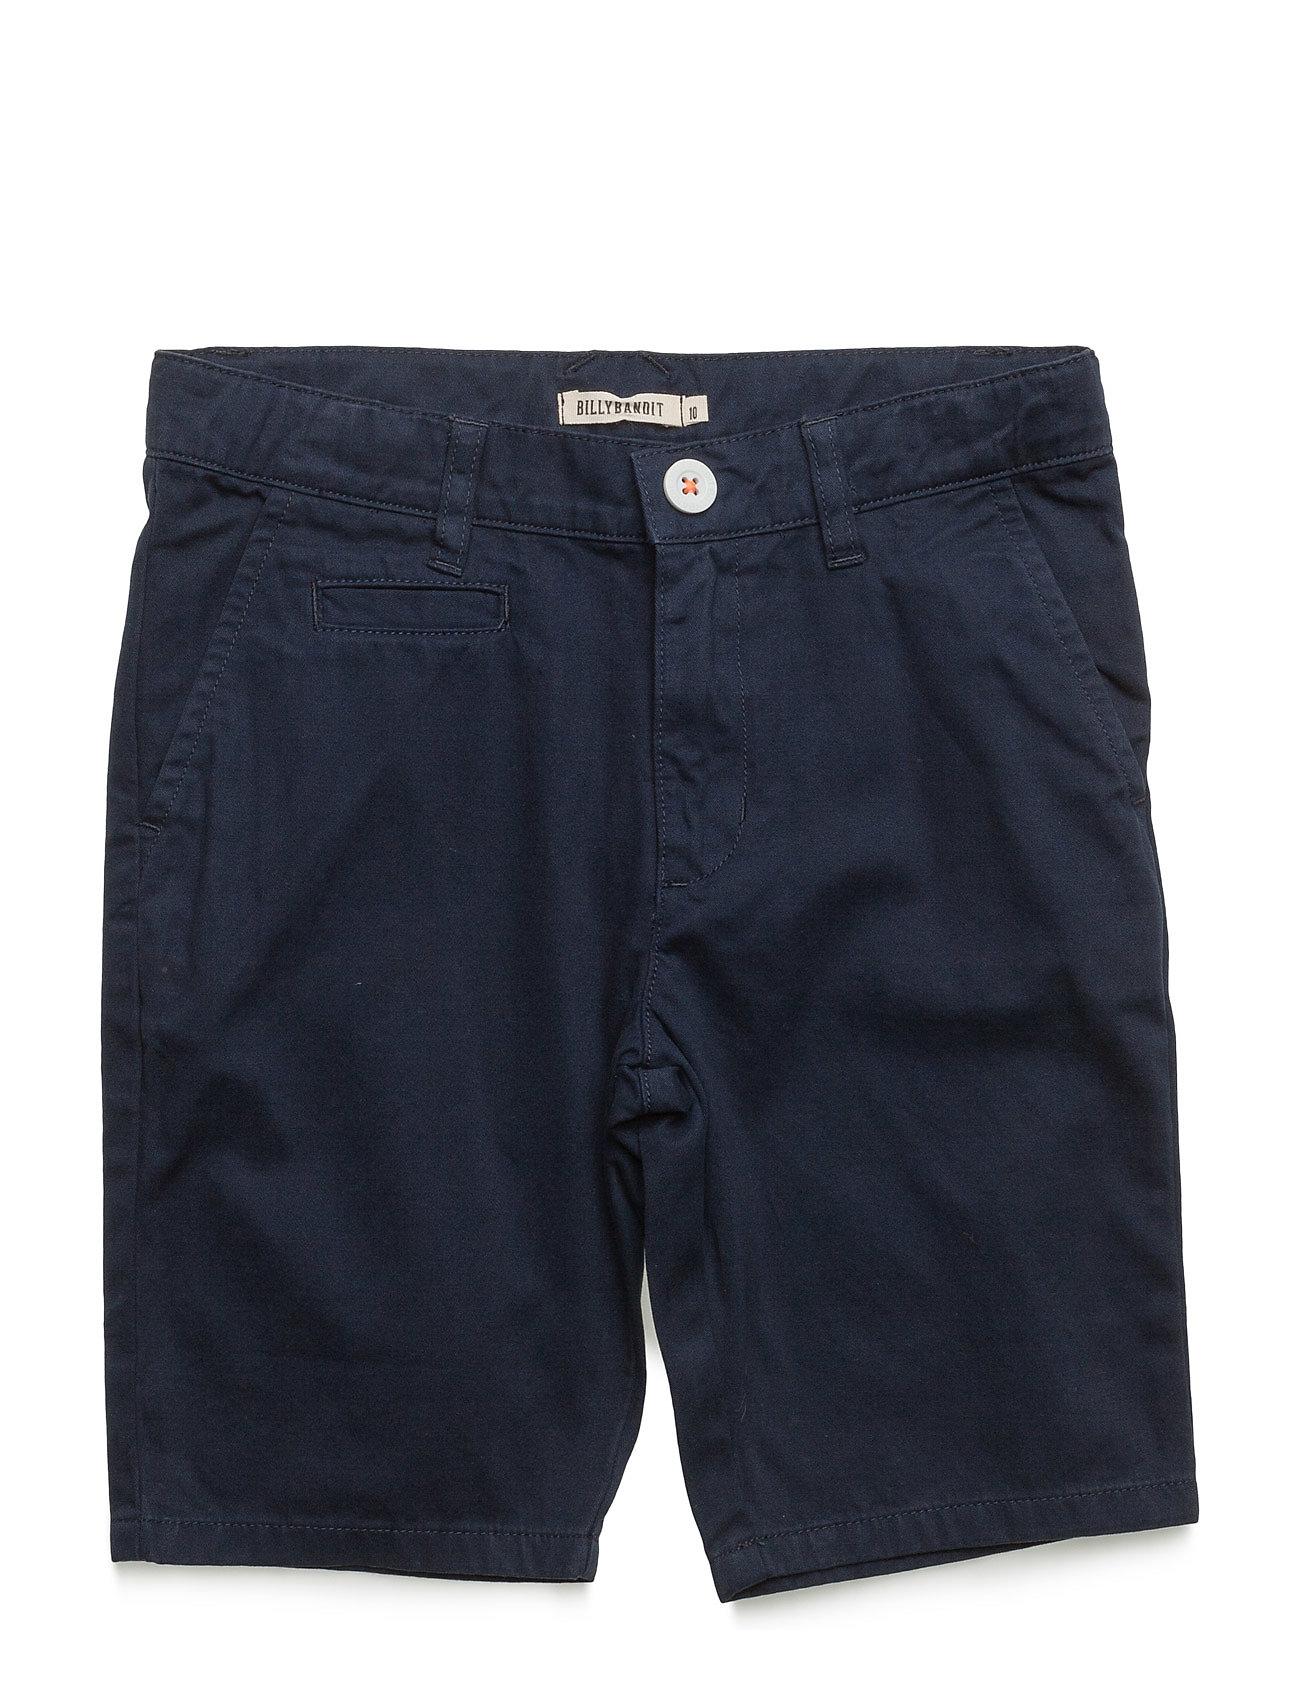 Short Billybandit Shorts til Drenge i Navy blå